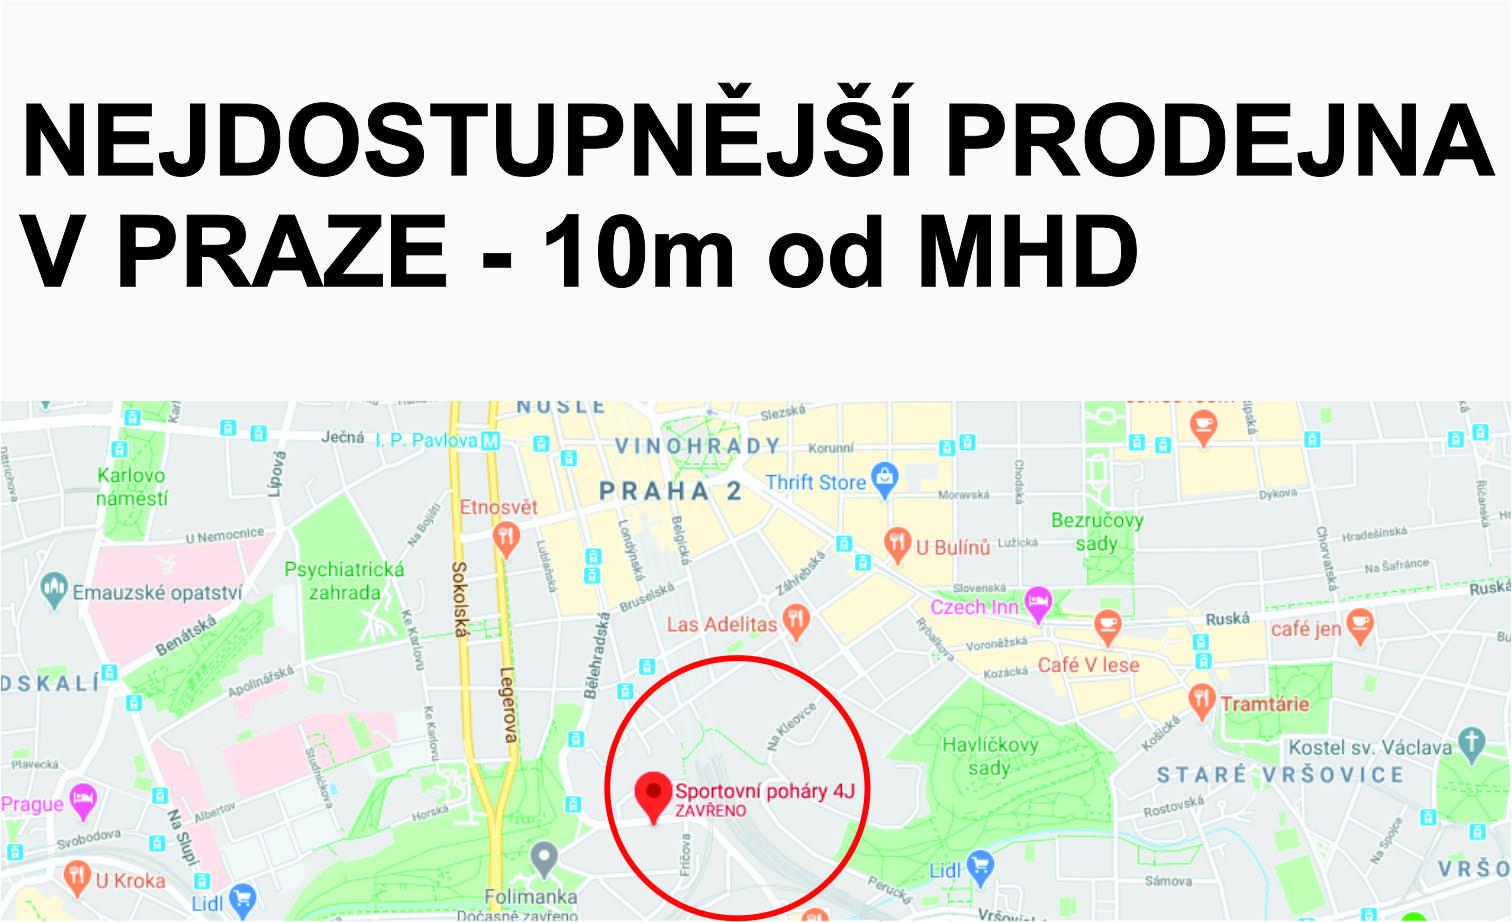 Nejdostupnější prodejna v Praze